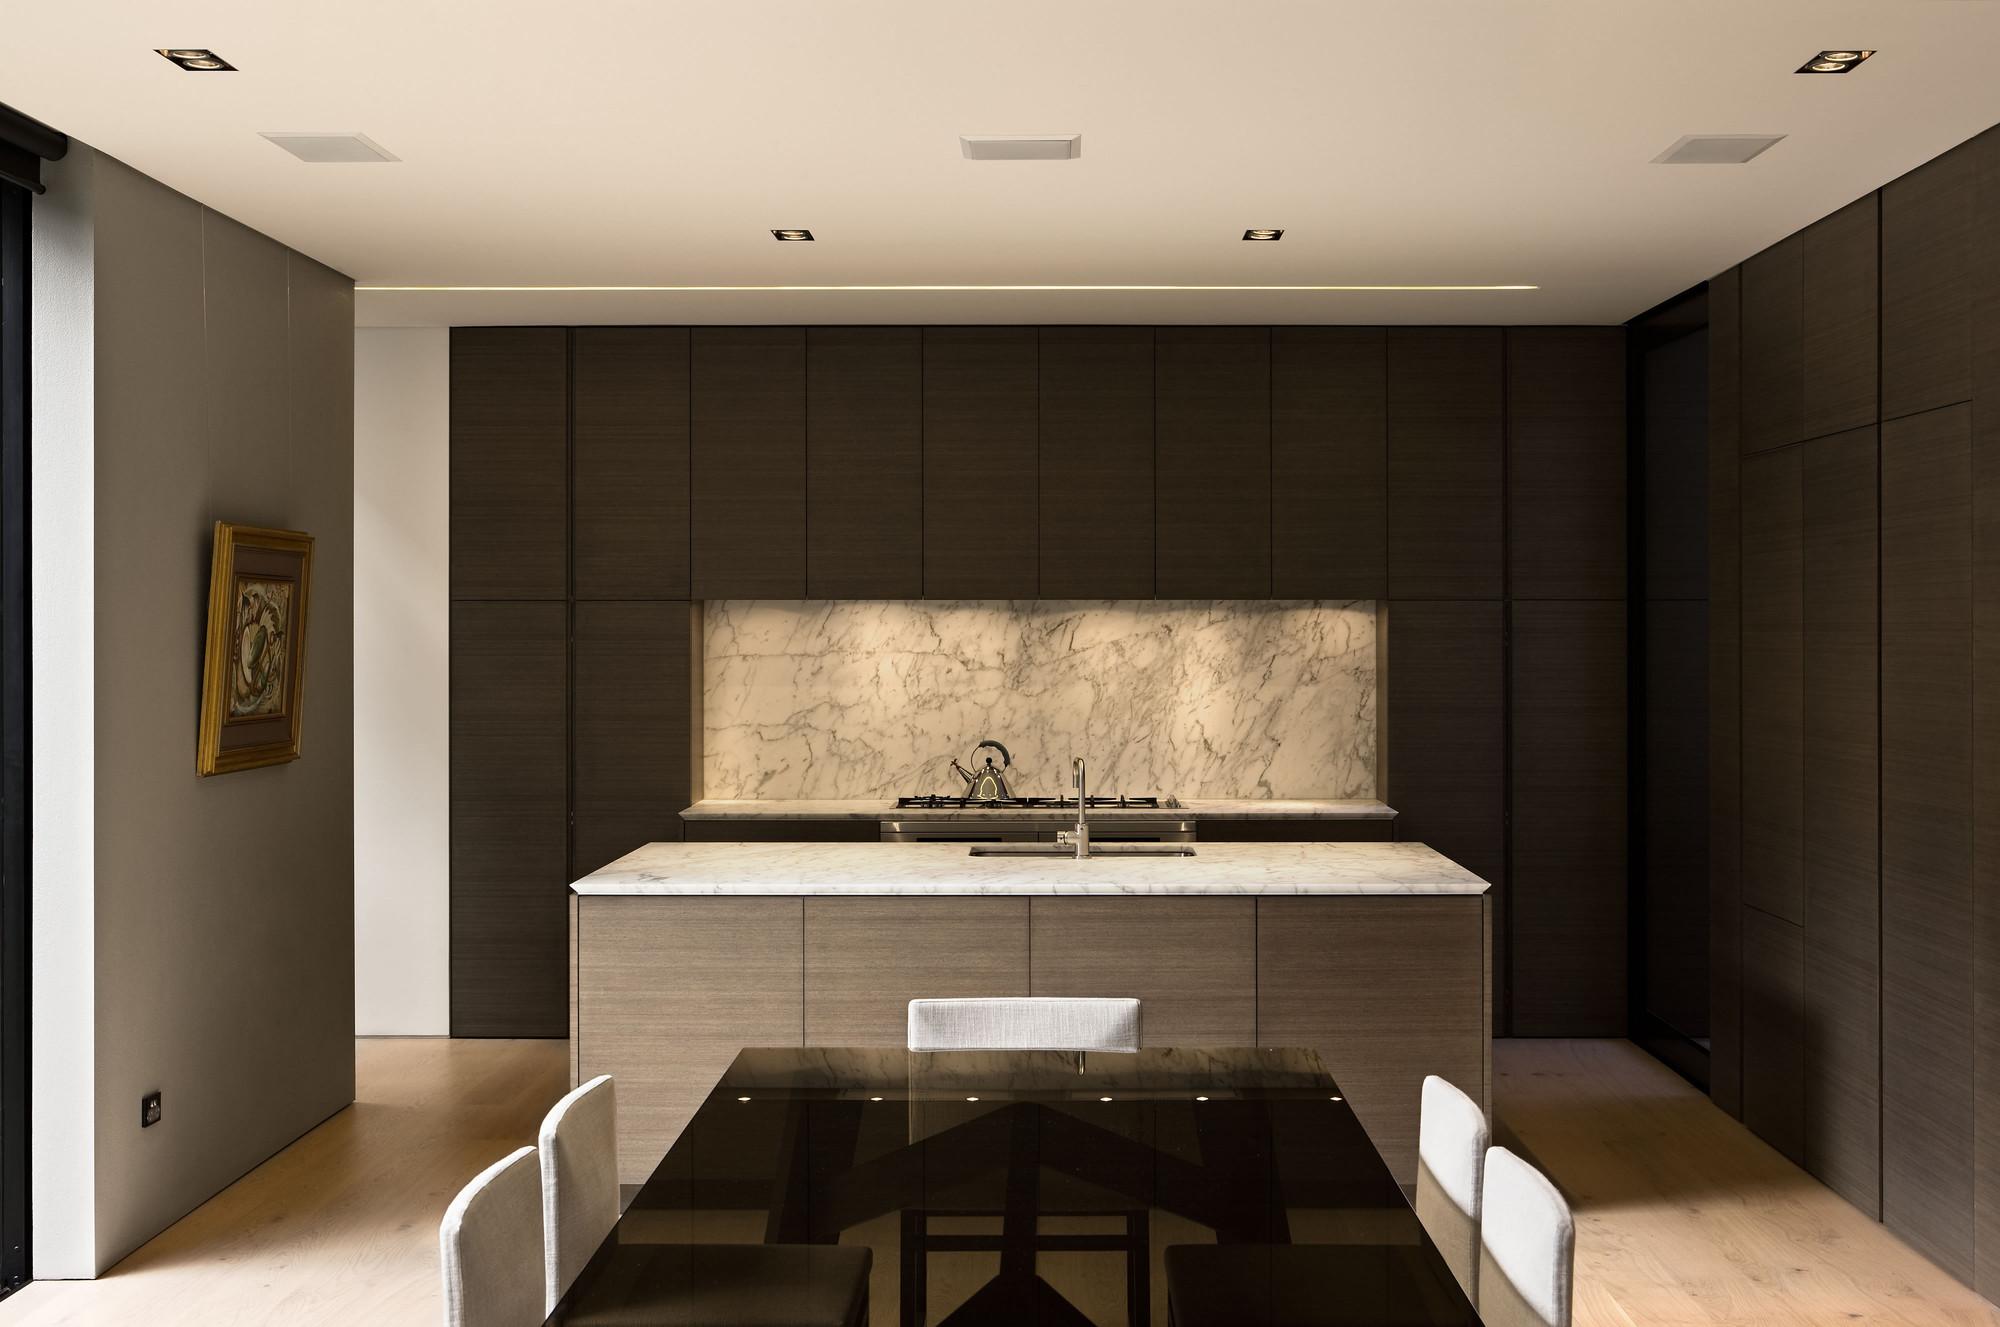 City House / Architex